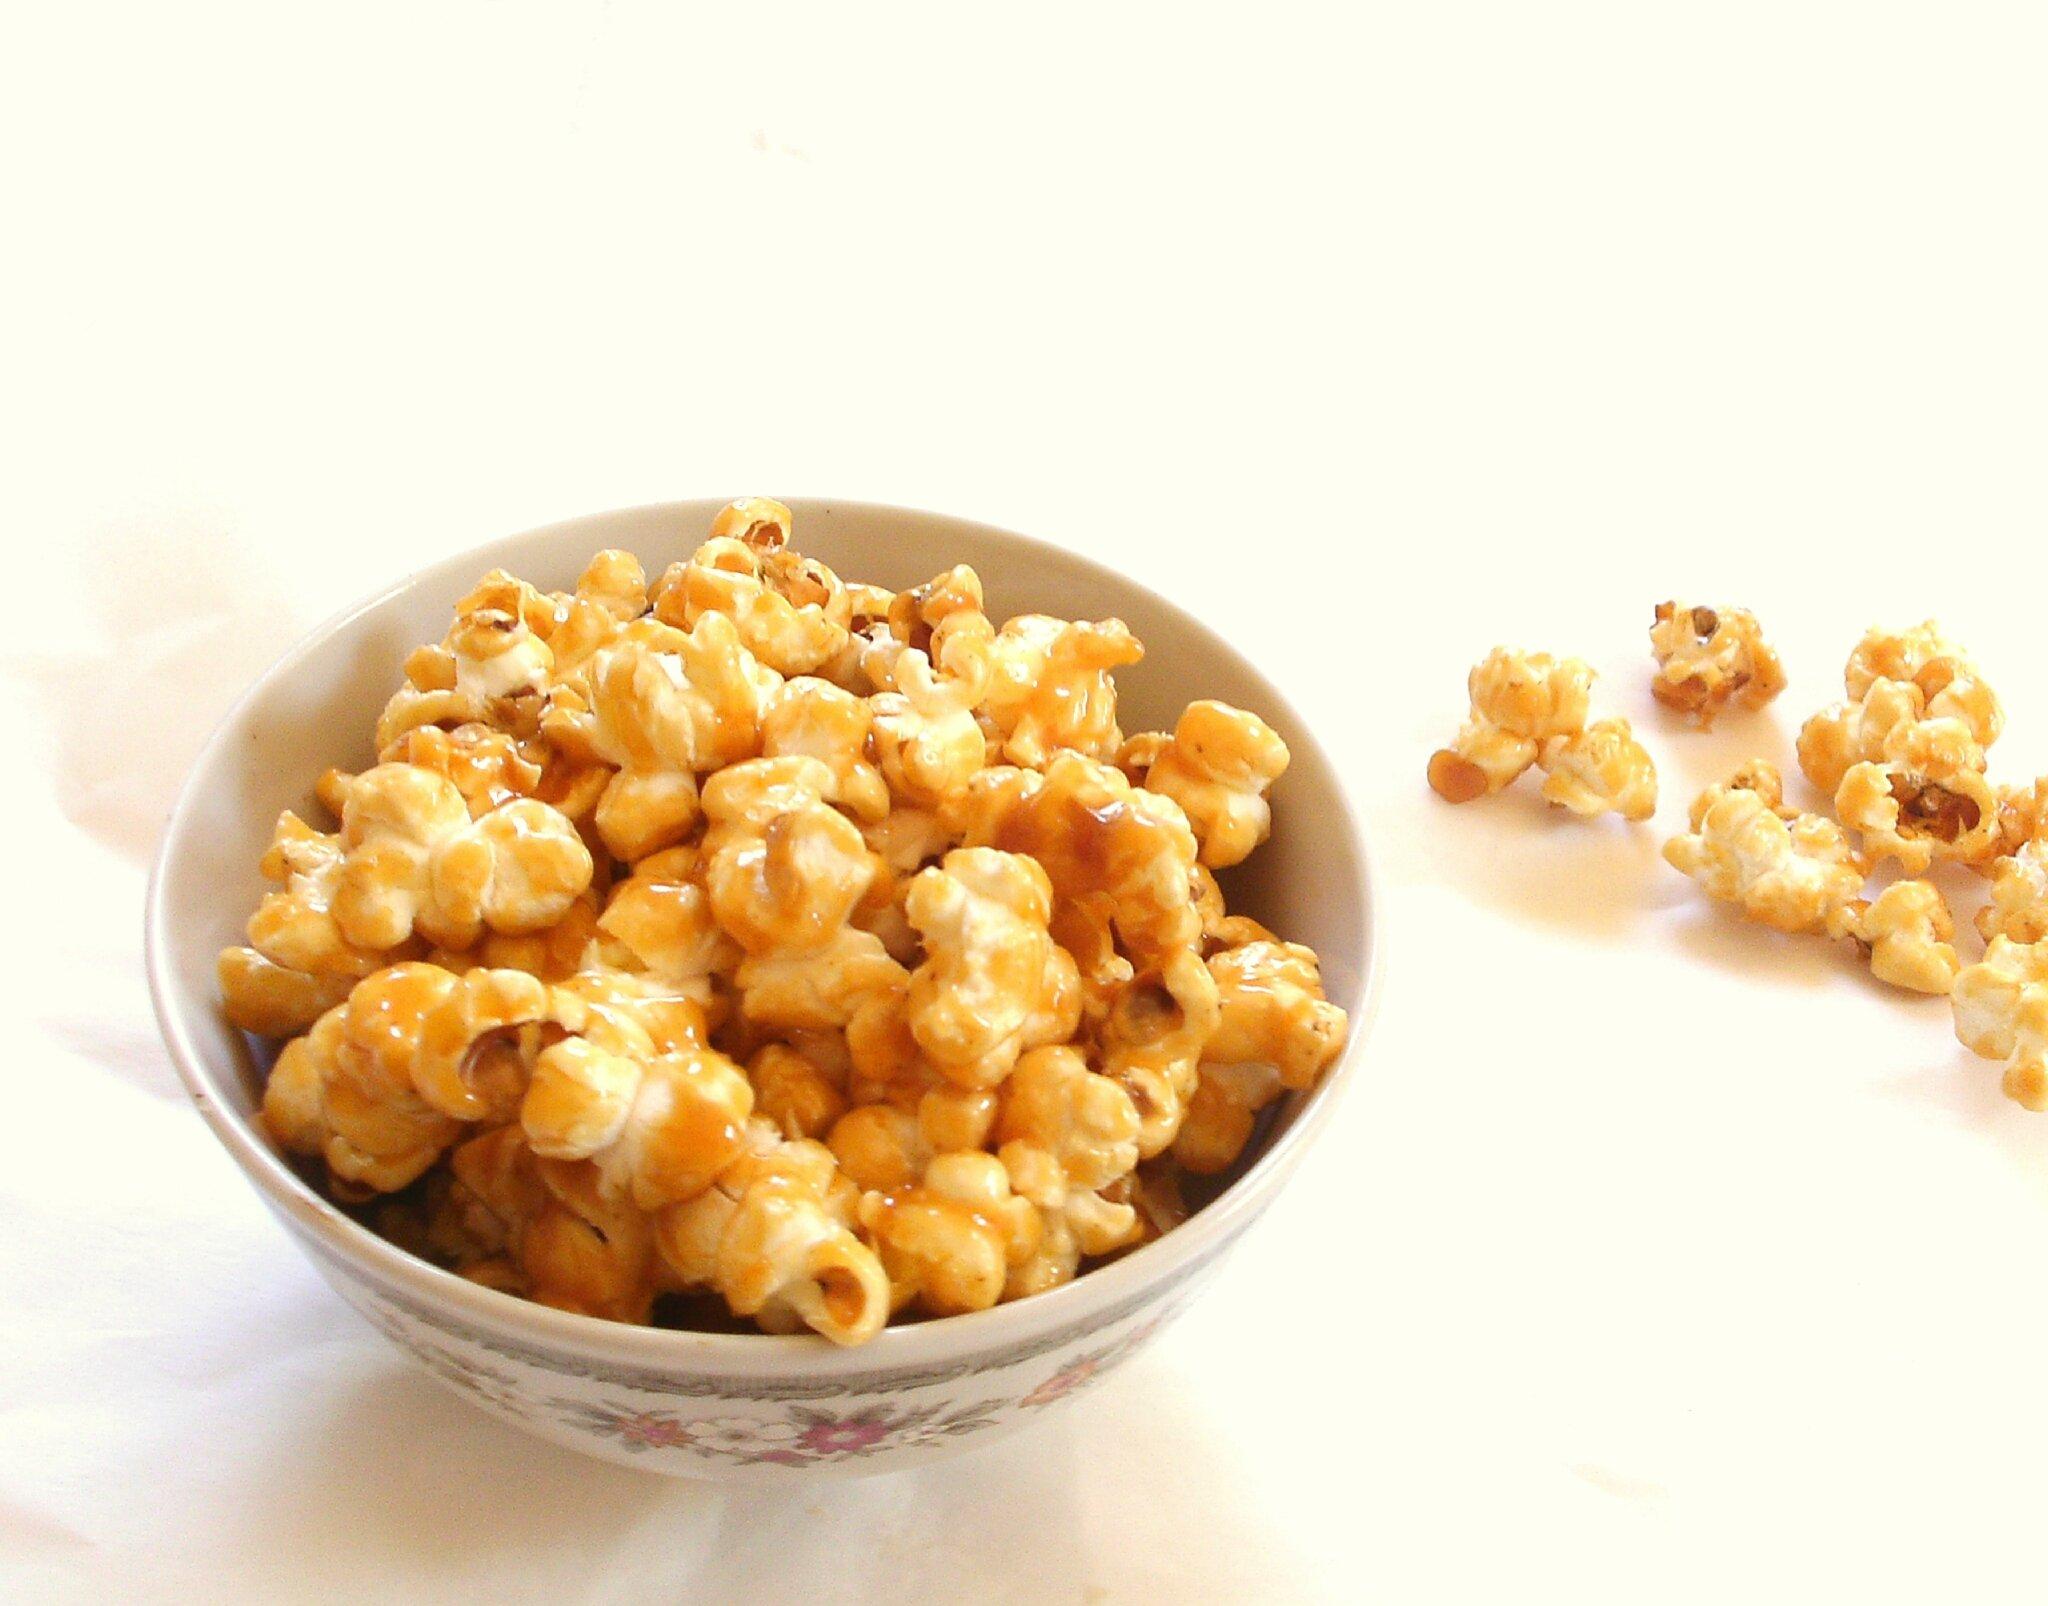 Les bénéfices de la consommation de popcorn pour la santé :